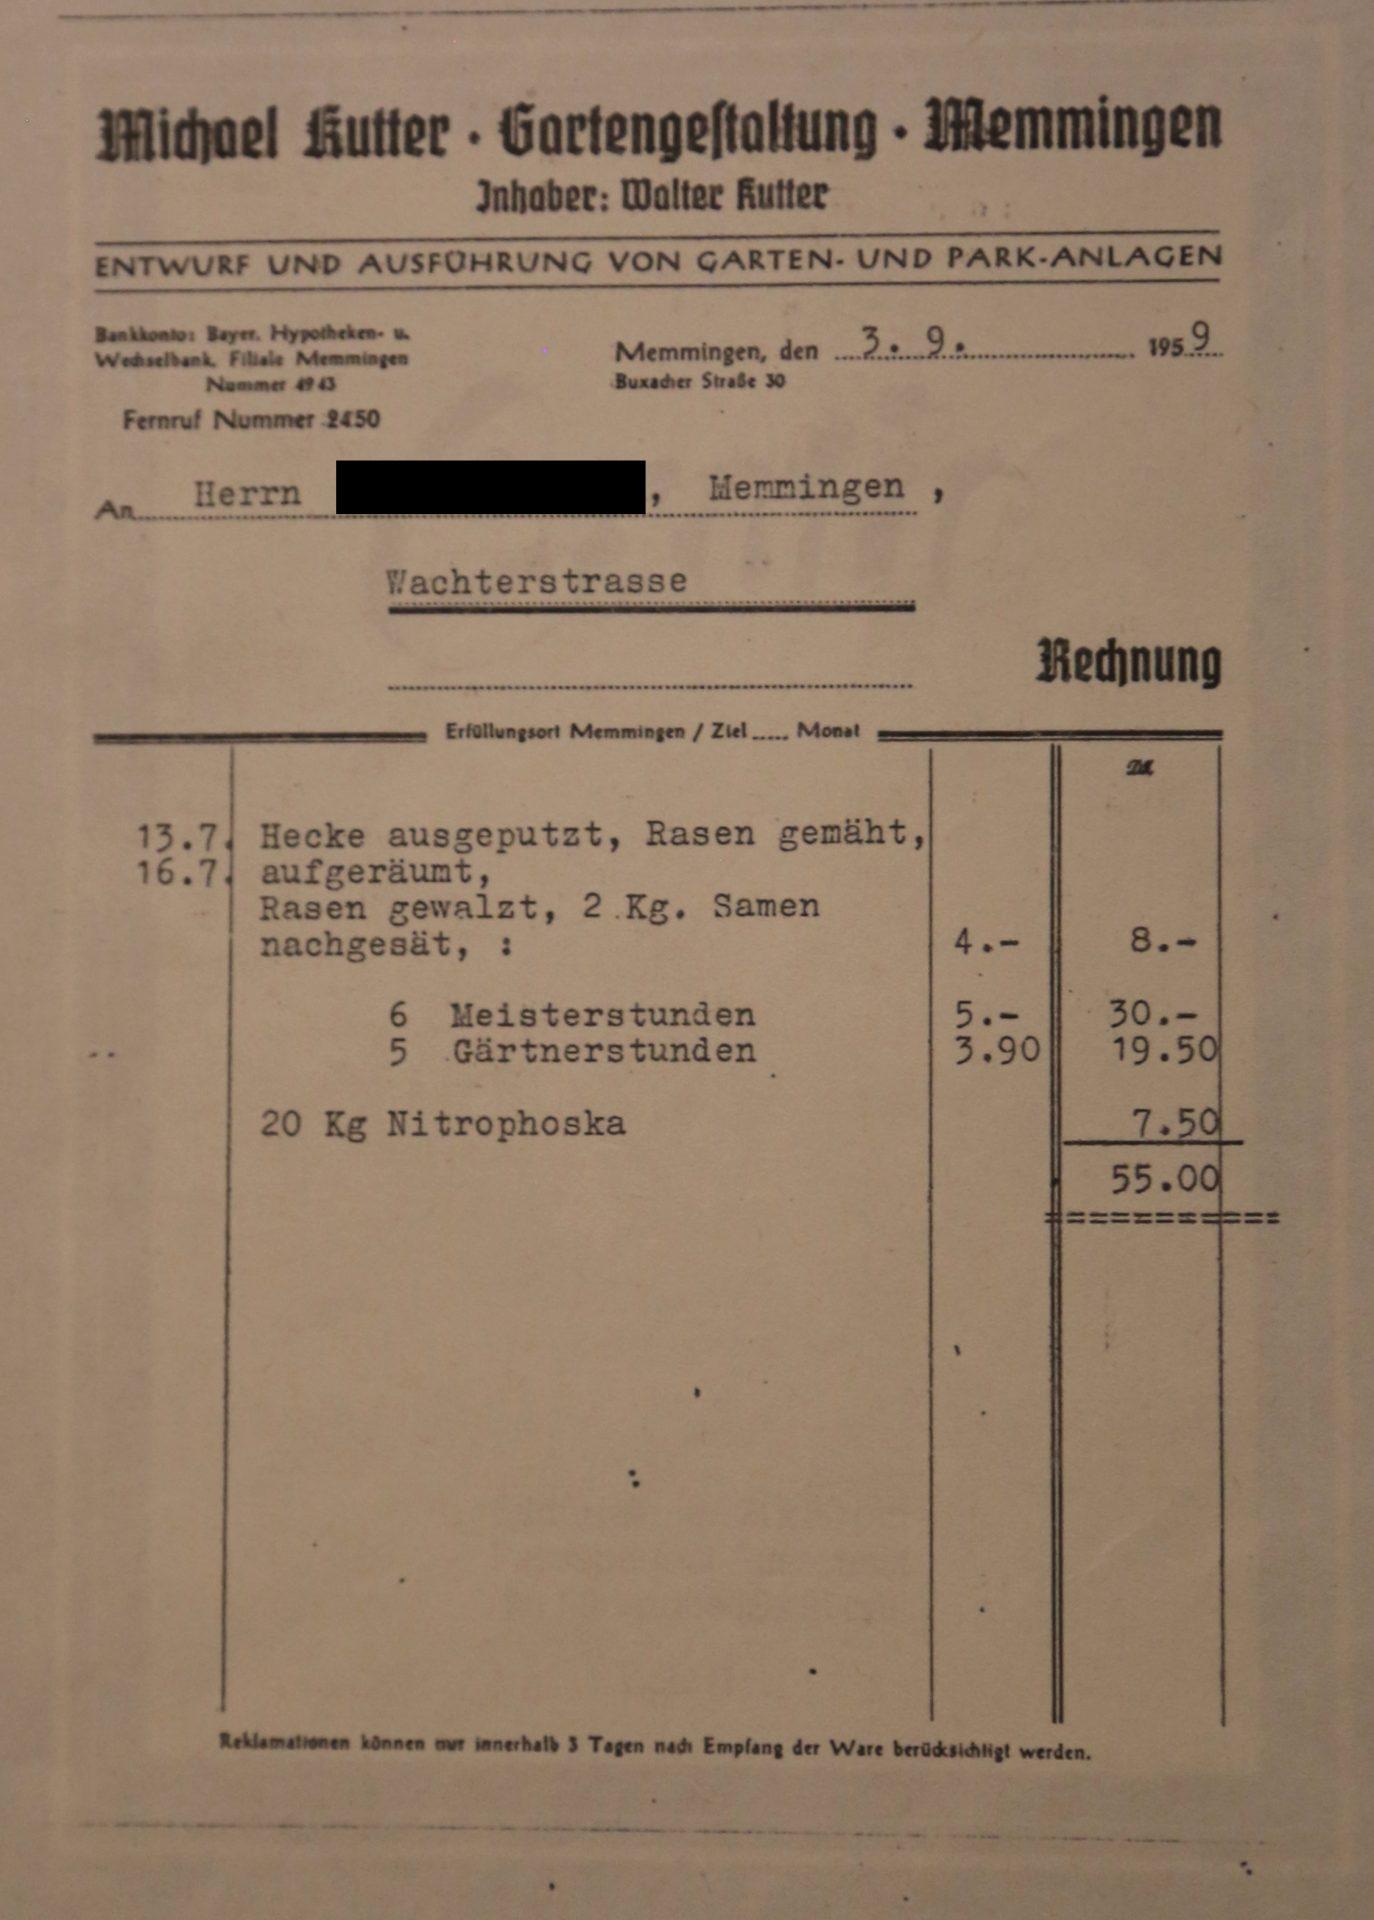 Unsere Chronik Kutter Durch Die Jahre Hermann Kutter